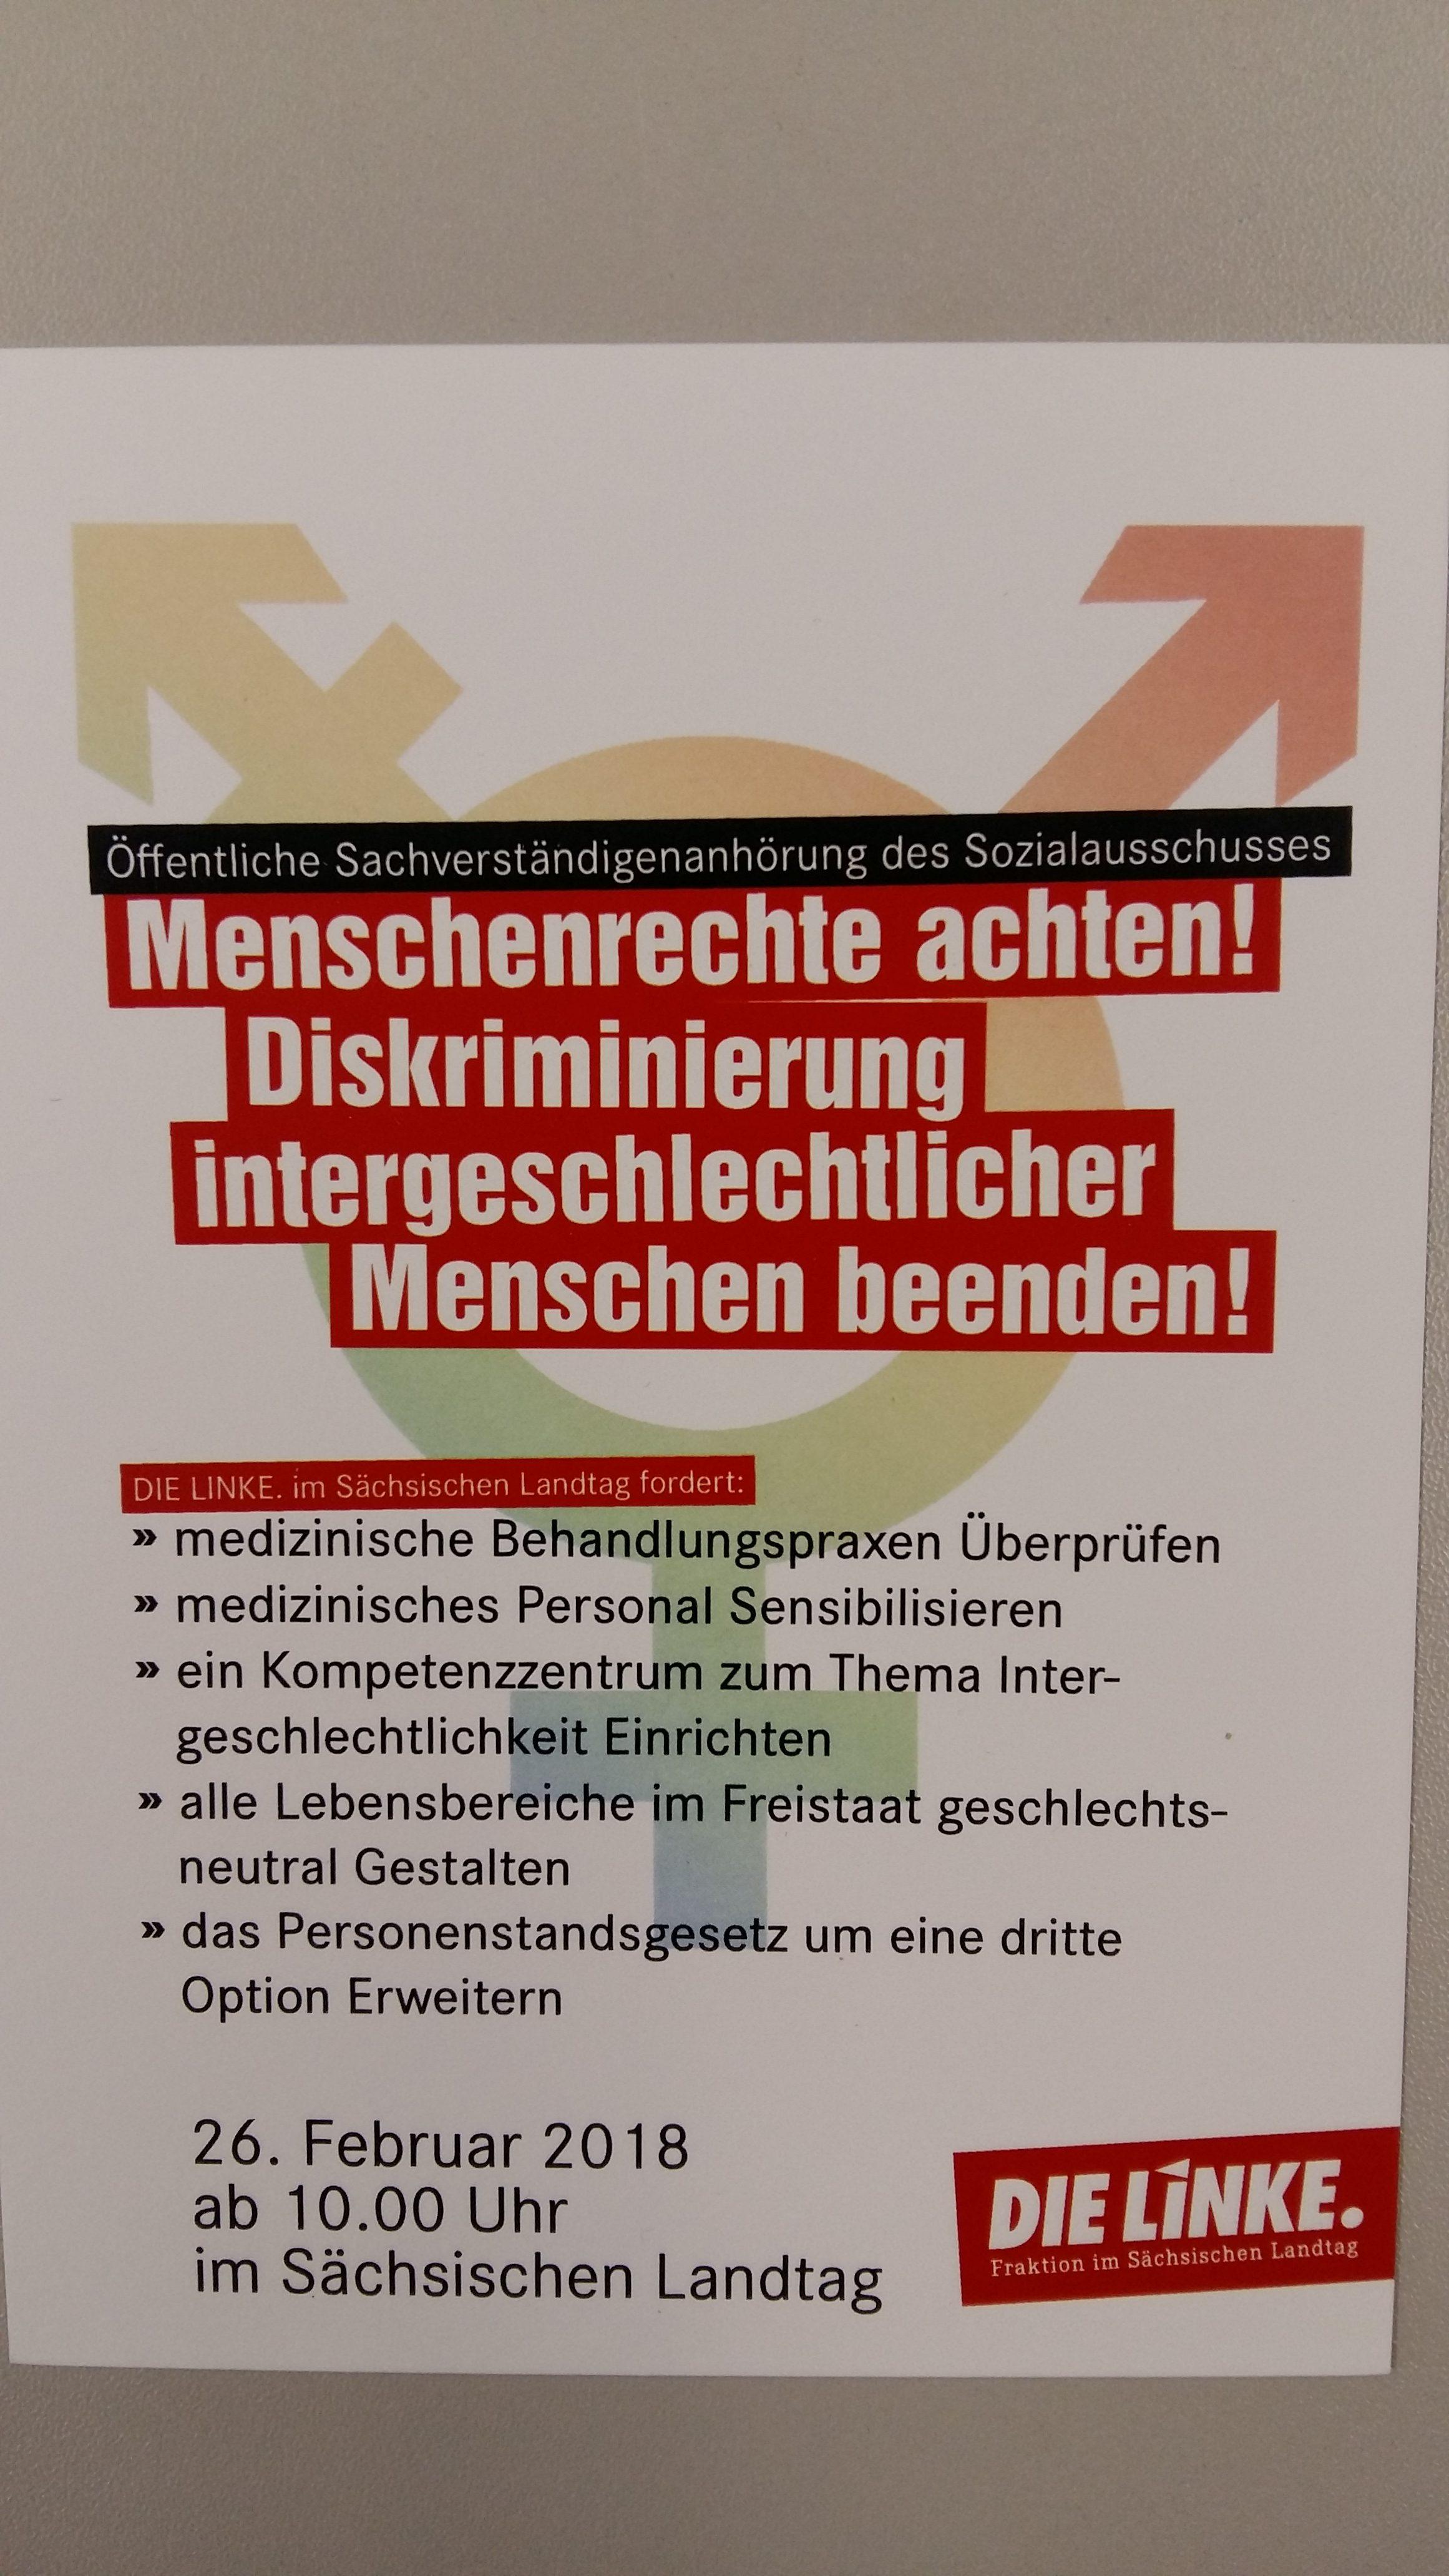 Öffentliche Anhörung im Sächsischen Landtag